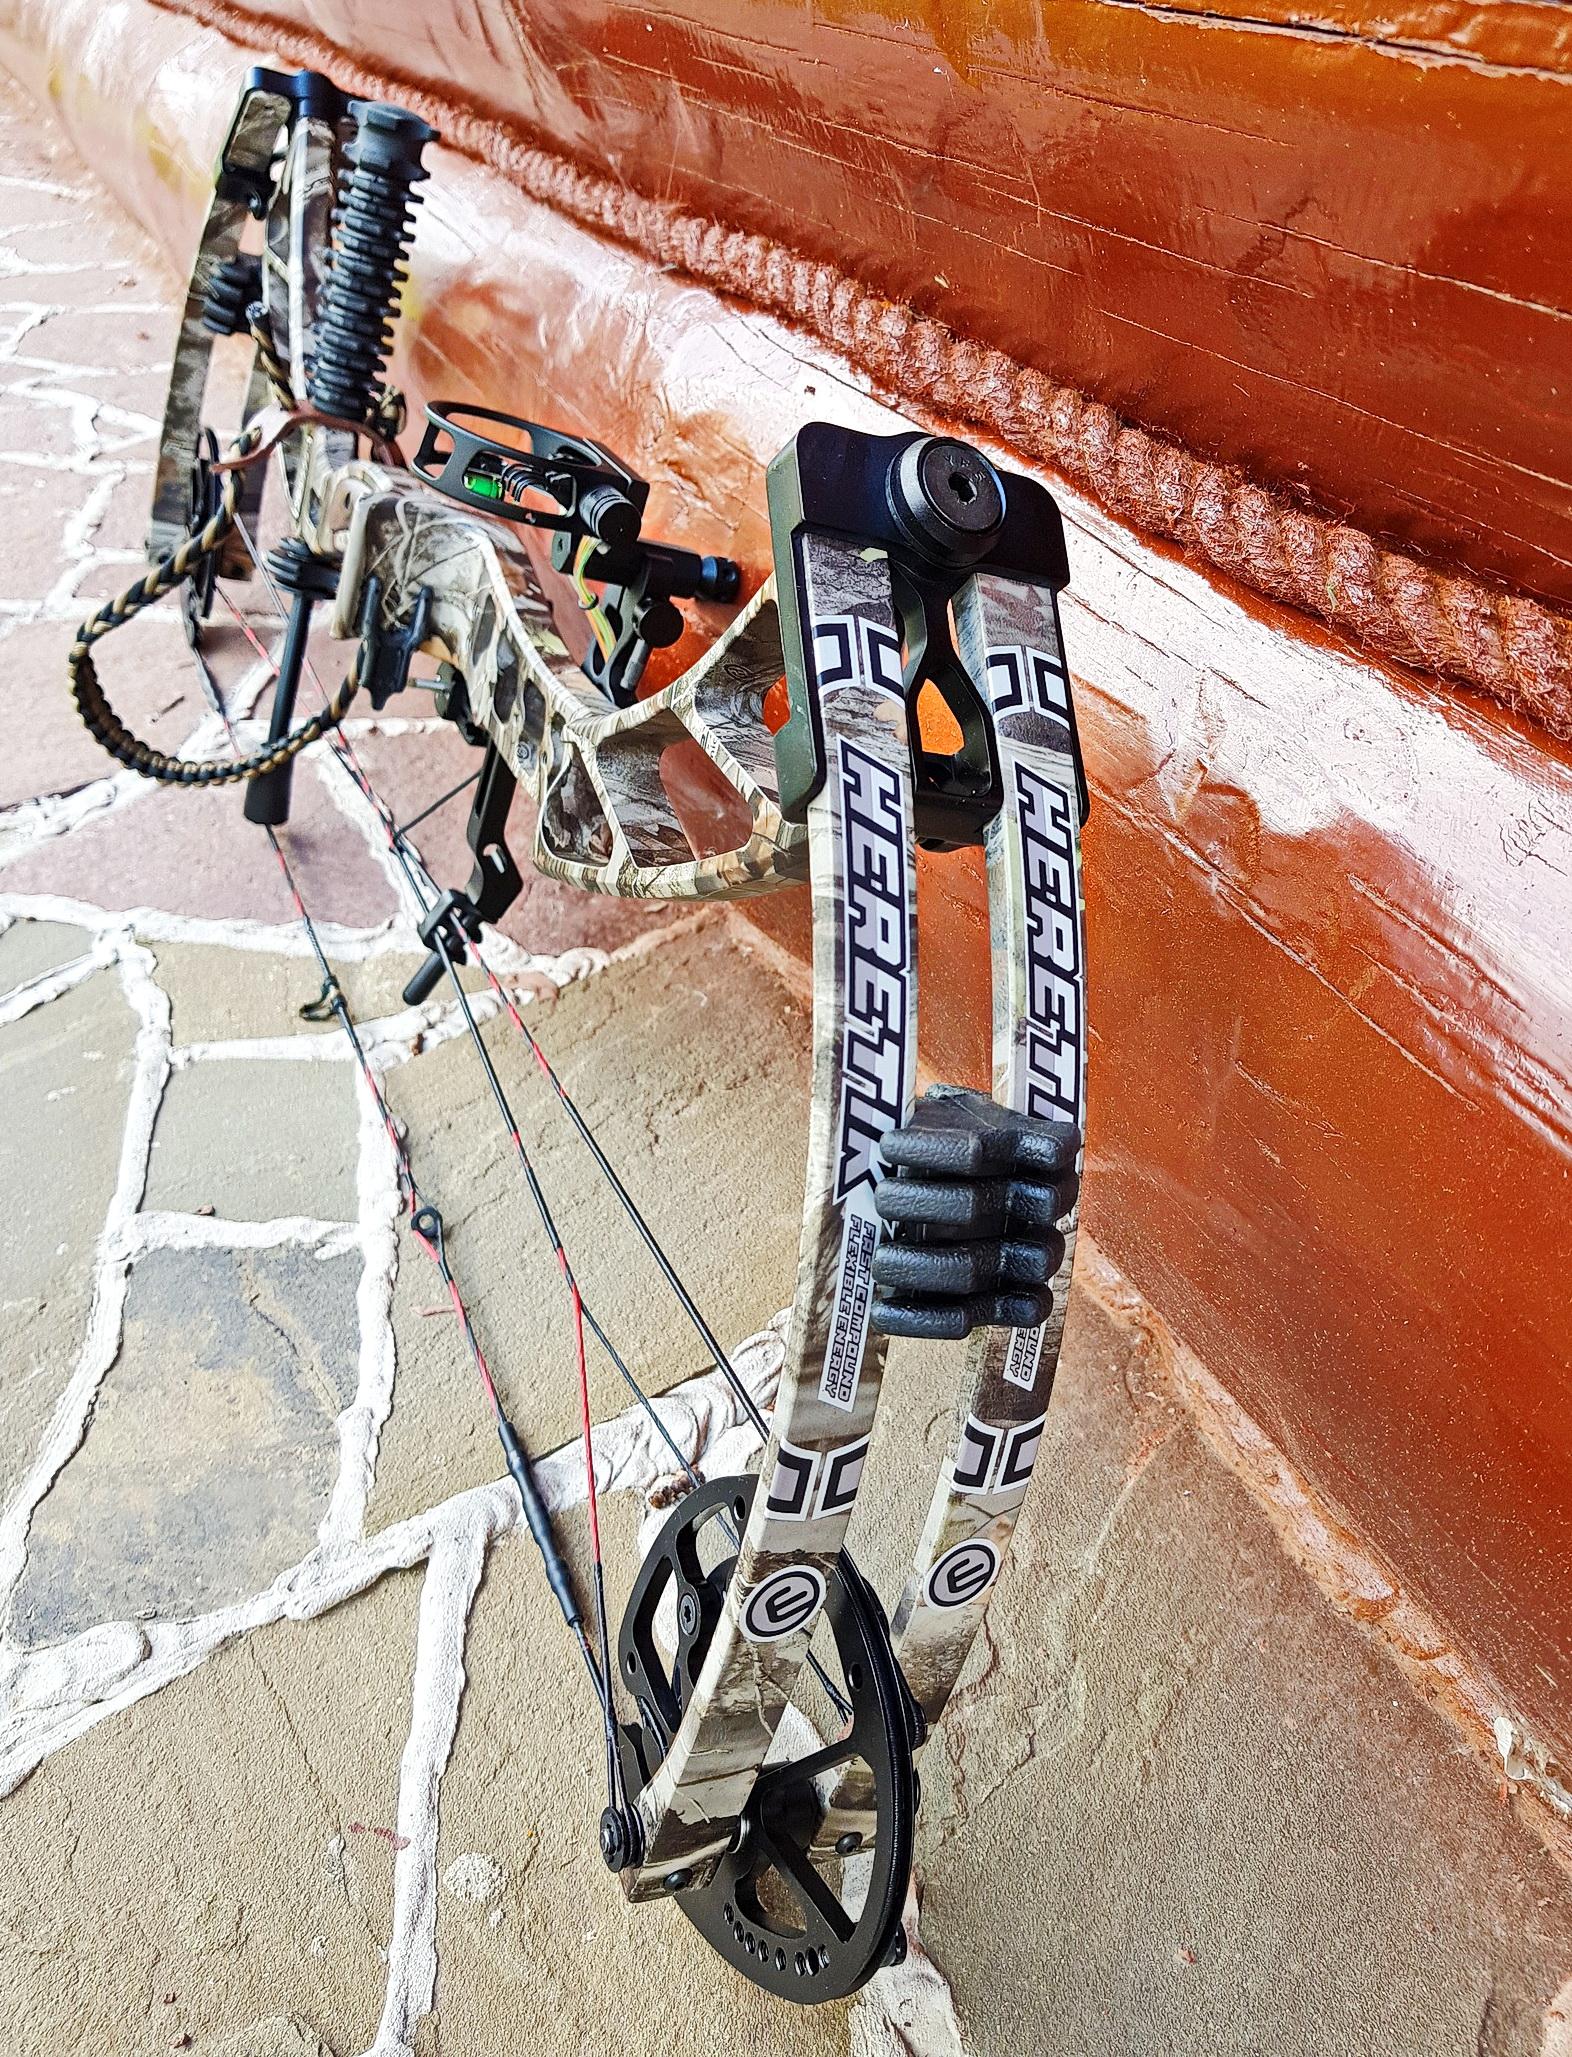 Лучший охотничий блочный лук 2018 на российском рынке - Velocity Archery Retribution, или Kinetic Heretik (Sanlida)